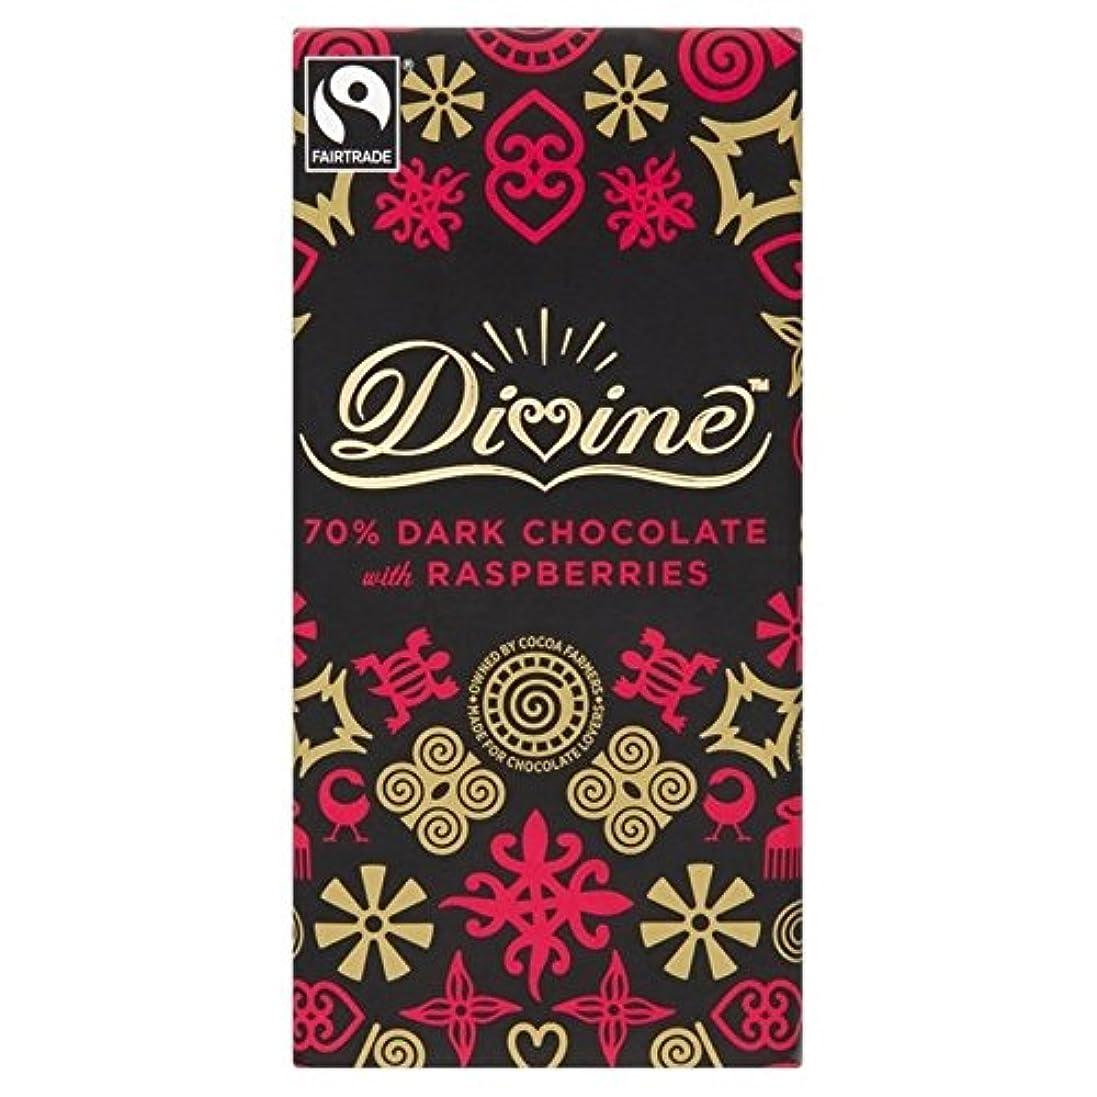 フィヨルド不機嫌徹底的にラズベリー100グラムと神のダークチョコレート (x 2) - Divine Dark Chocolate with Raspberry 100g (Pack of 2) [並行輸入品]